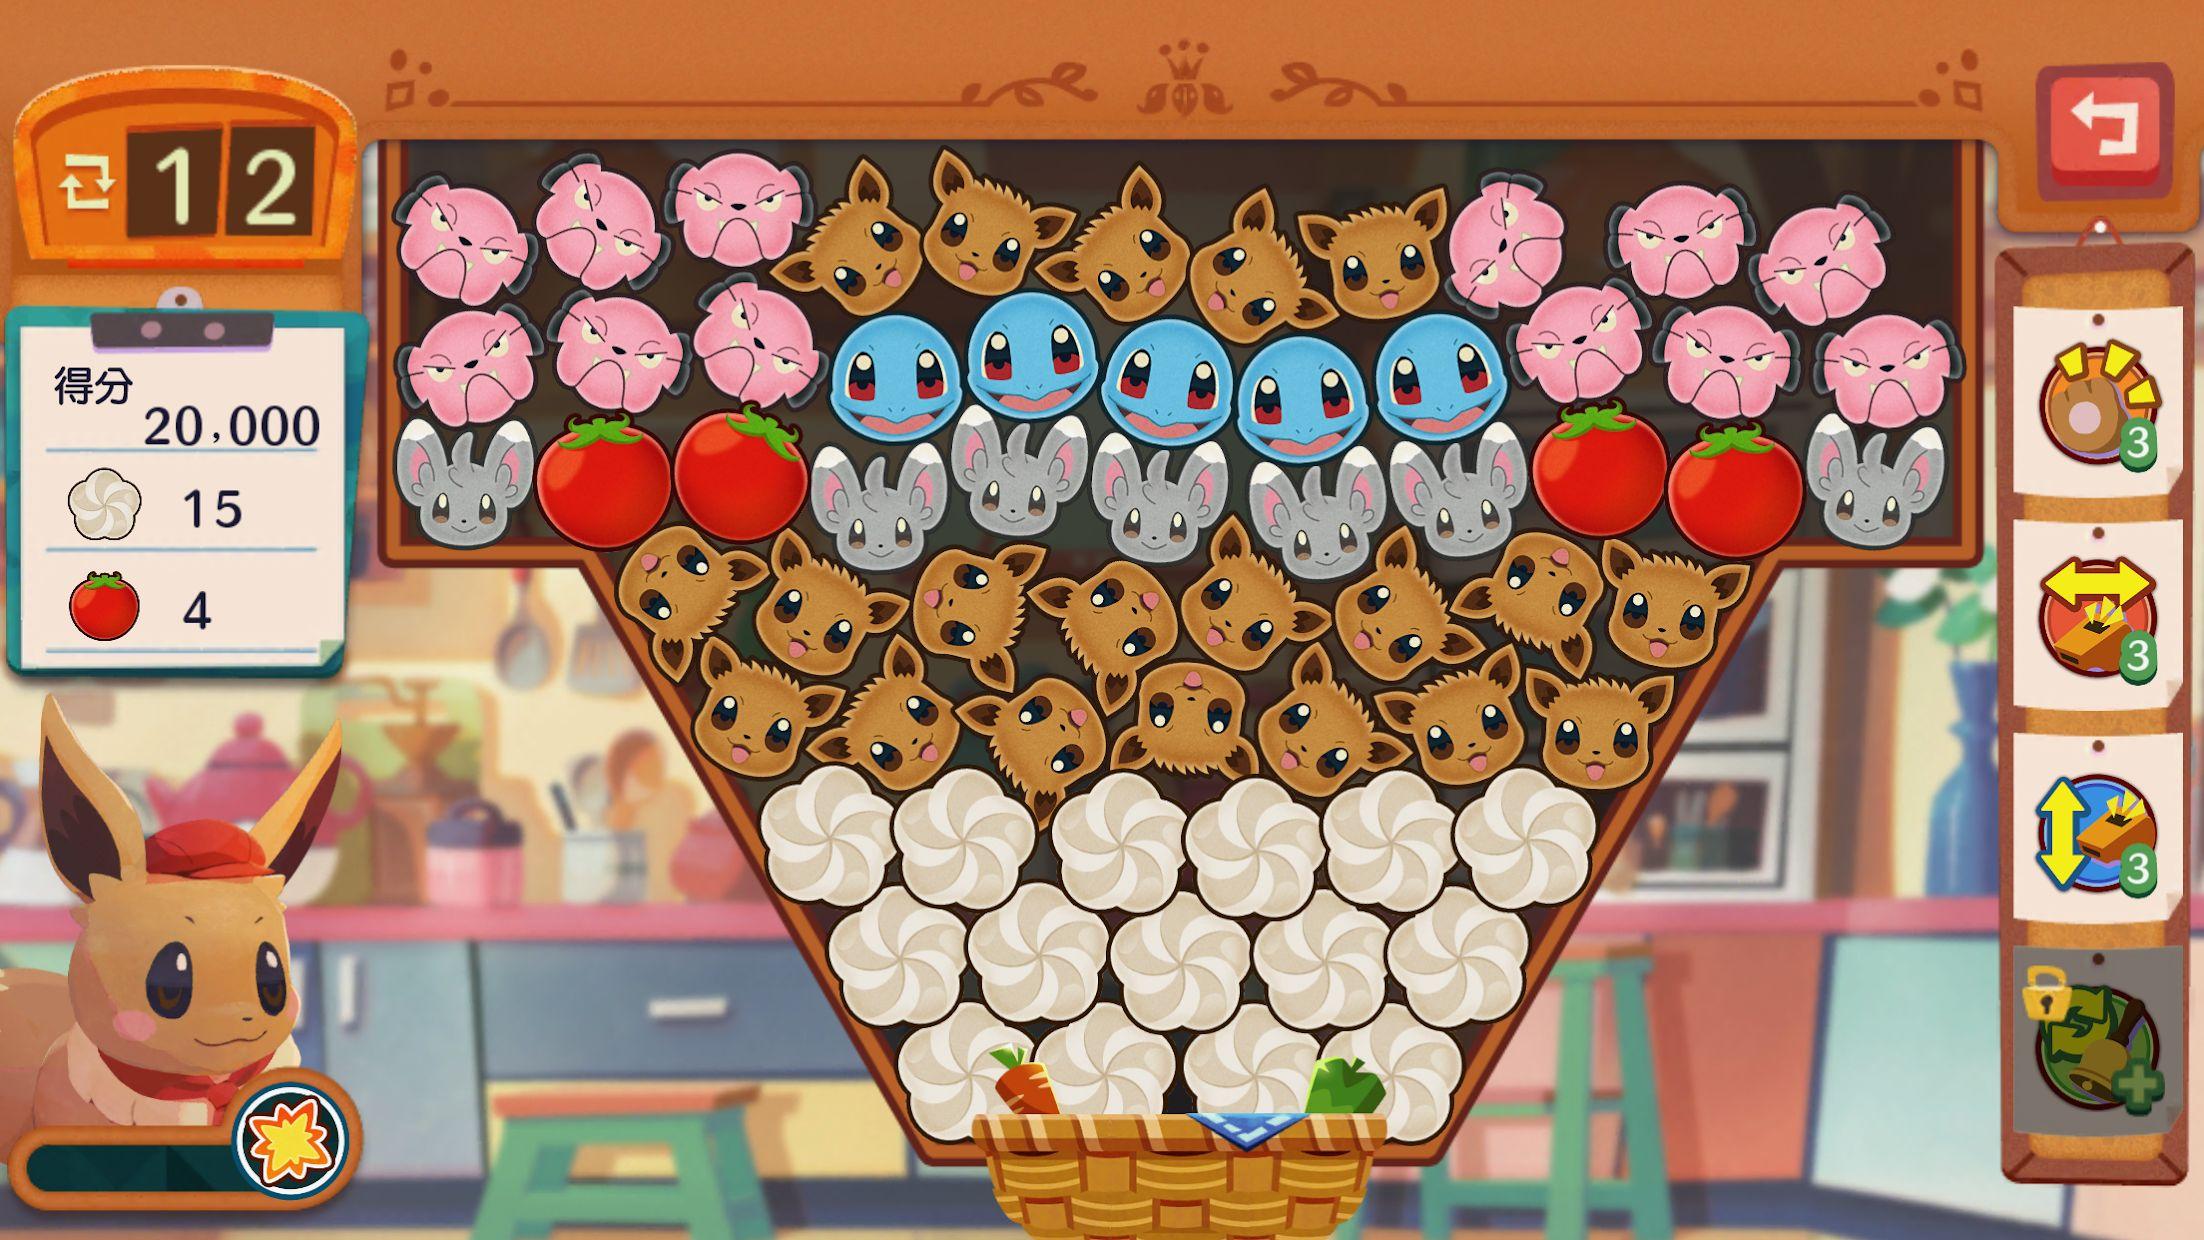 宝可梦 Cafe Mix 游戏截图3